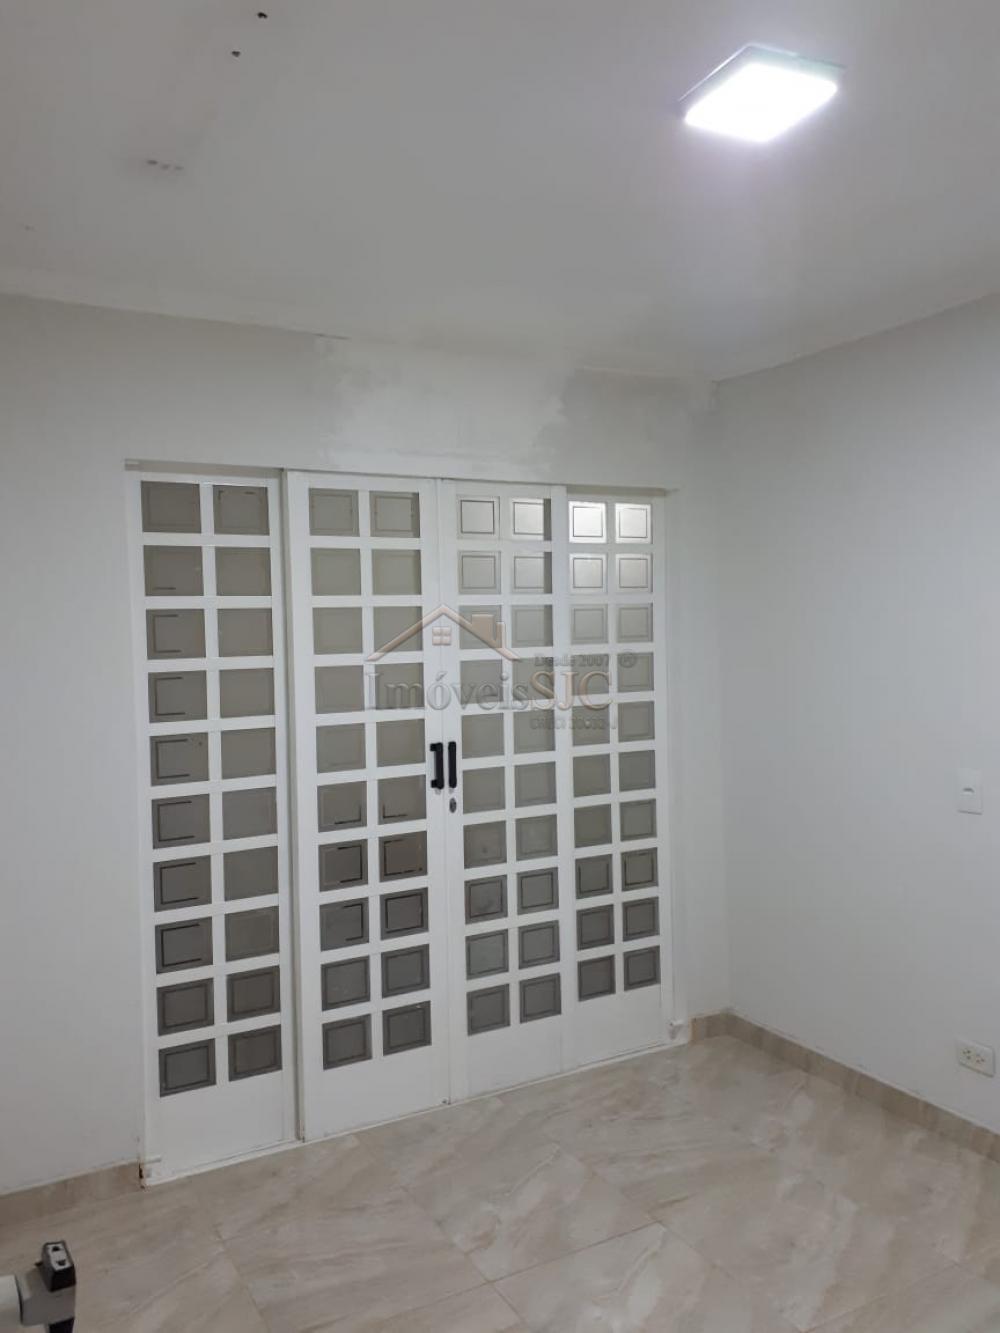 Alugar Casas / Padrão em São José dos Campos apenas R$ 1.500,00 - Foto 1